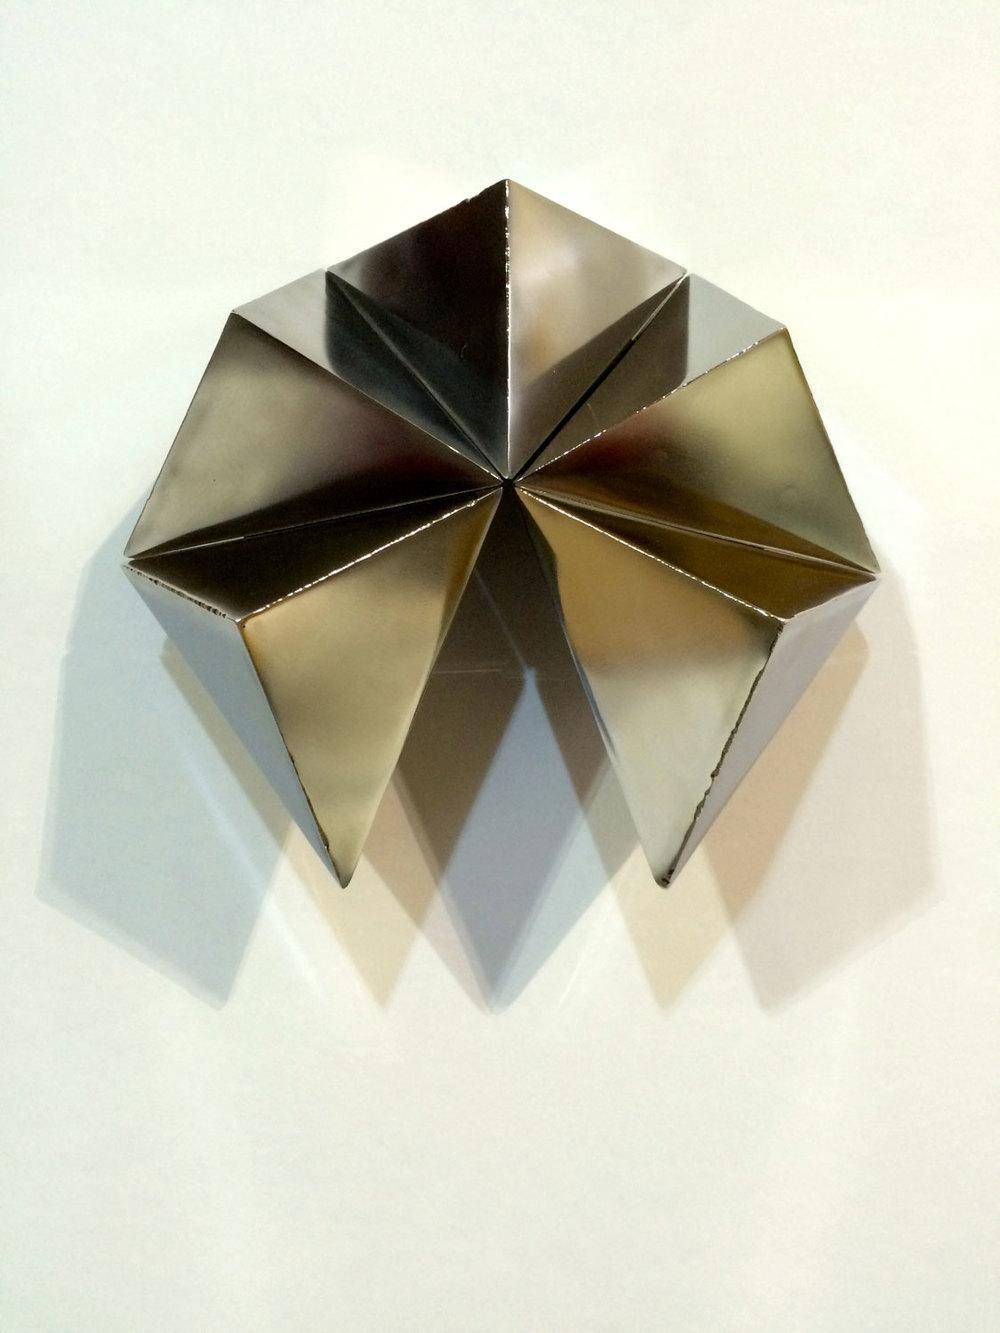 Sculptures-315.jpg